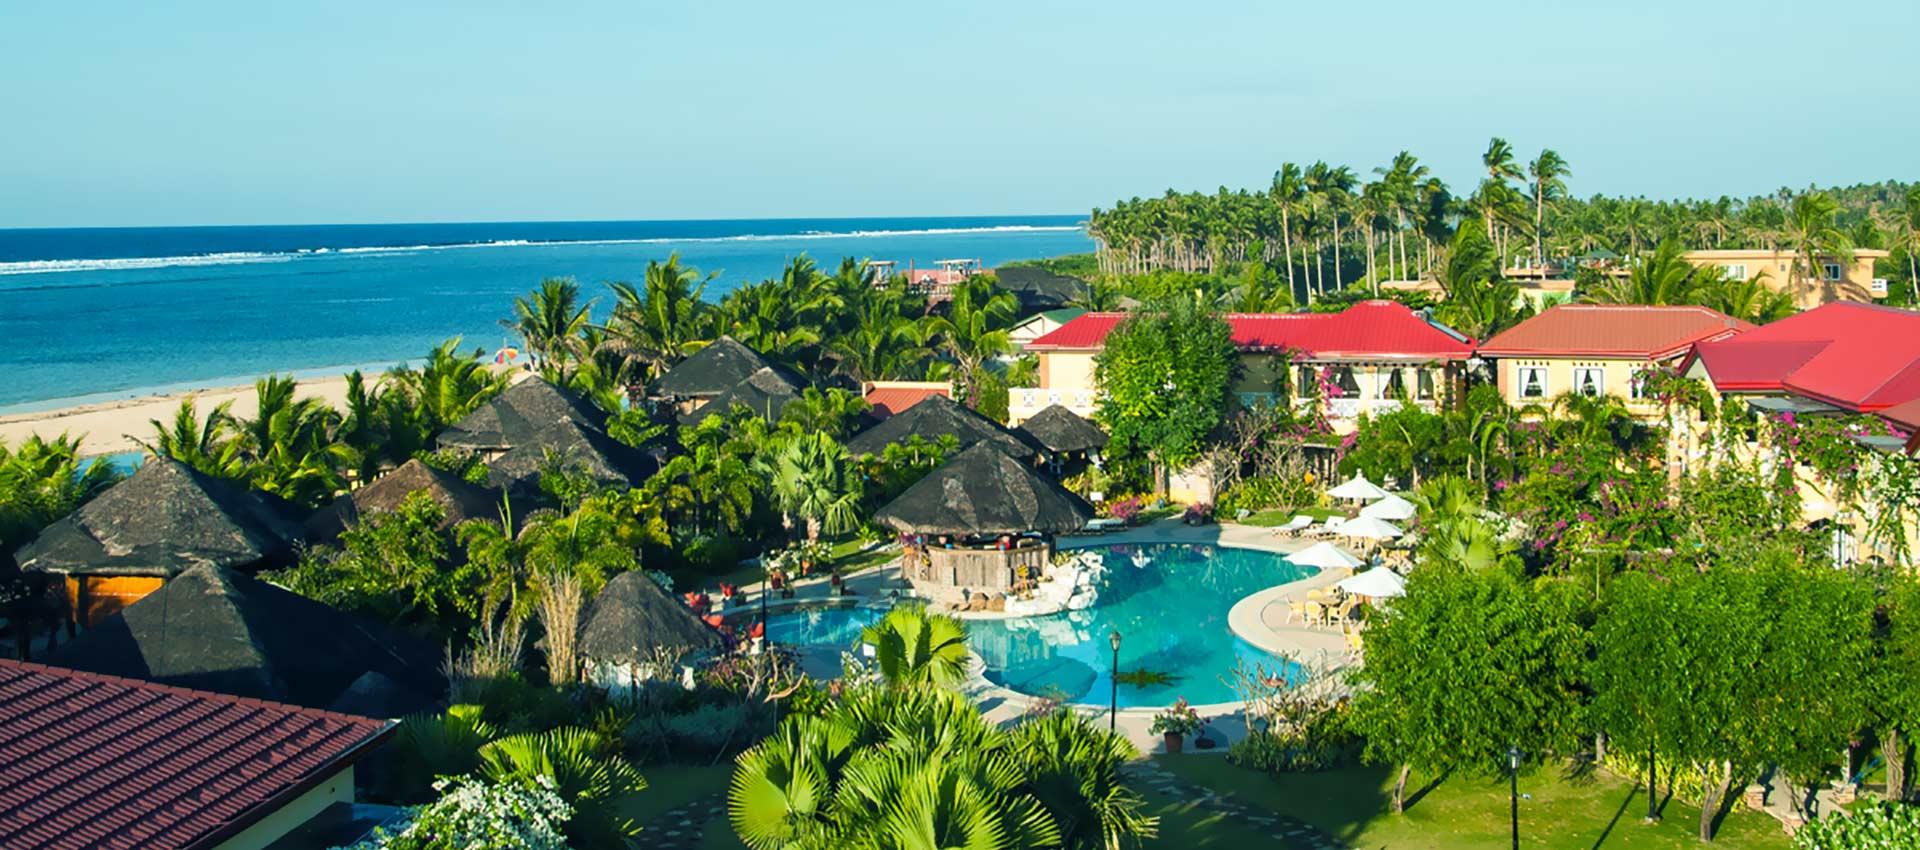 Top Beach Resorts - WhatsUp Philippines